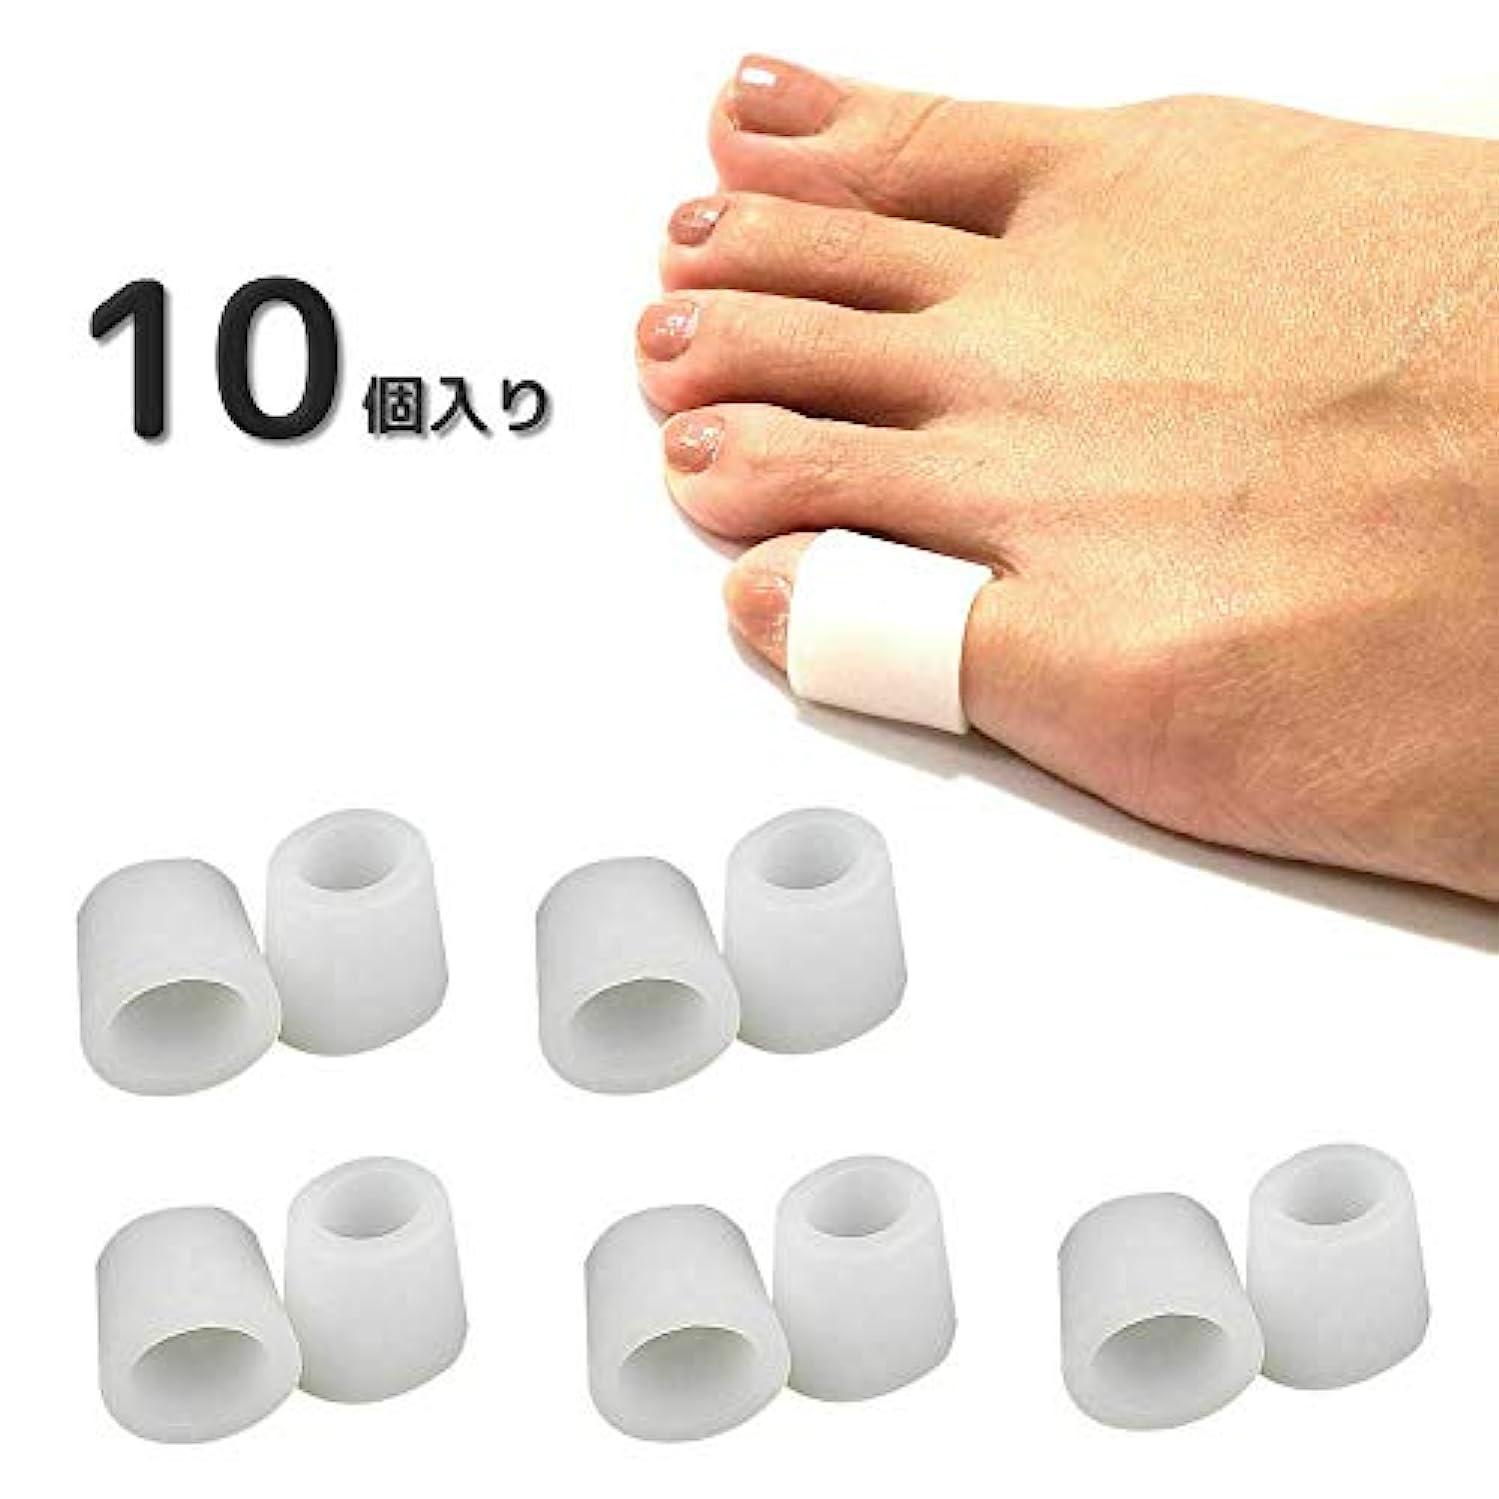 流すクッション誠意Lumiele 指や爪の保護キャップ 足爪 足指 柔らかシリコン サポーター 小指 指サック 5セット 10個入り